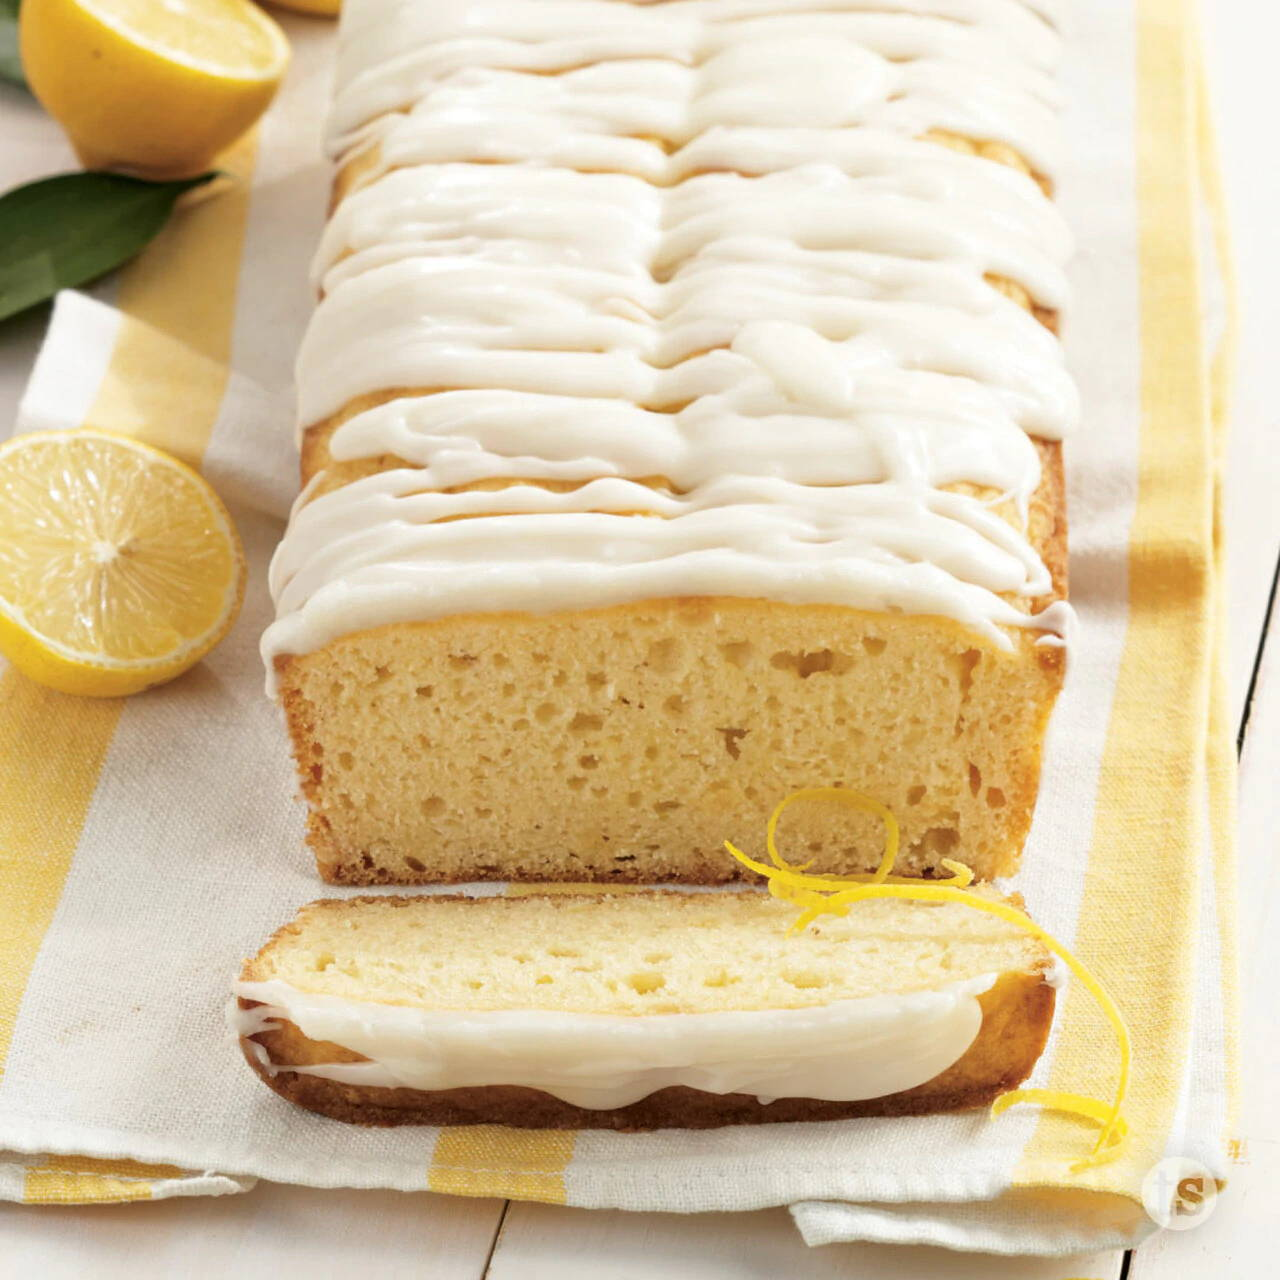 Sunny Lemon Pound Cake & Icing Mix